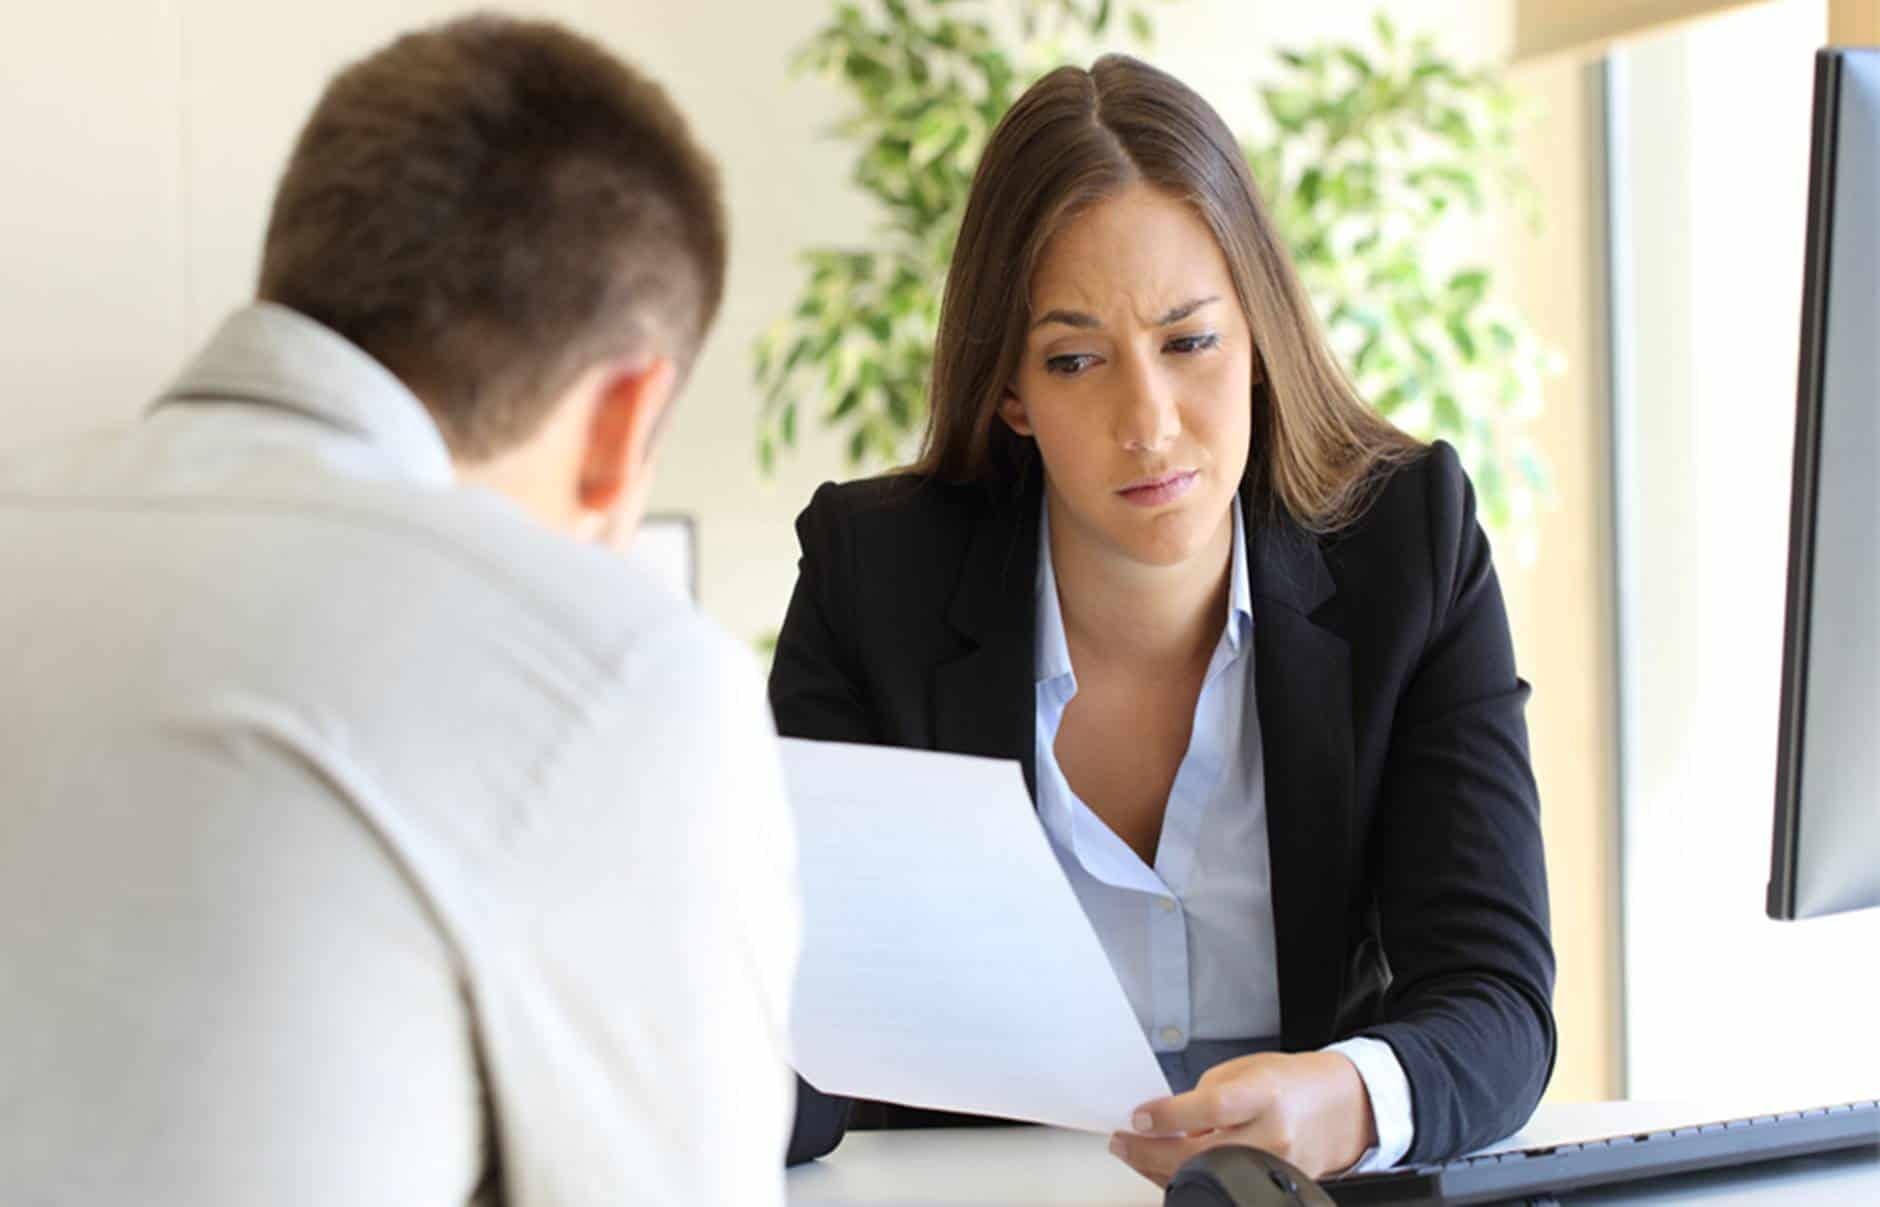 Não erre mais: veja o que não pode em uma entrevista de emprego